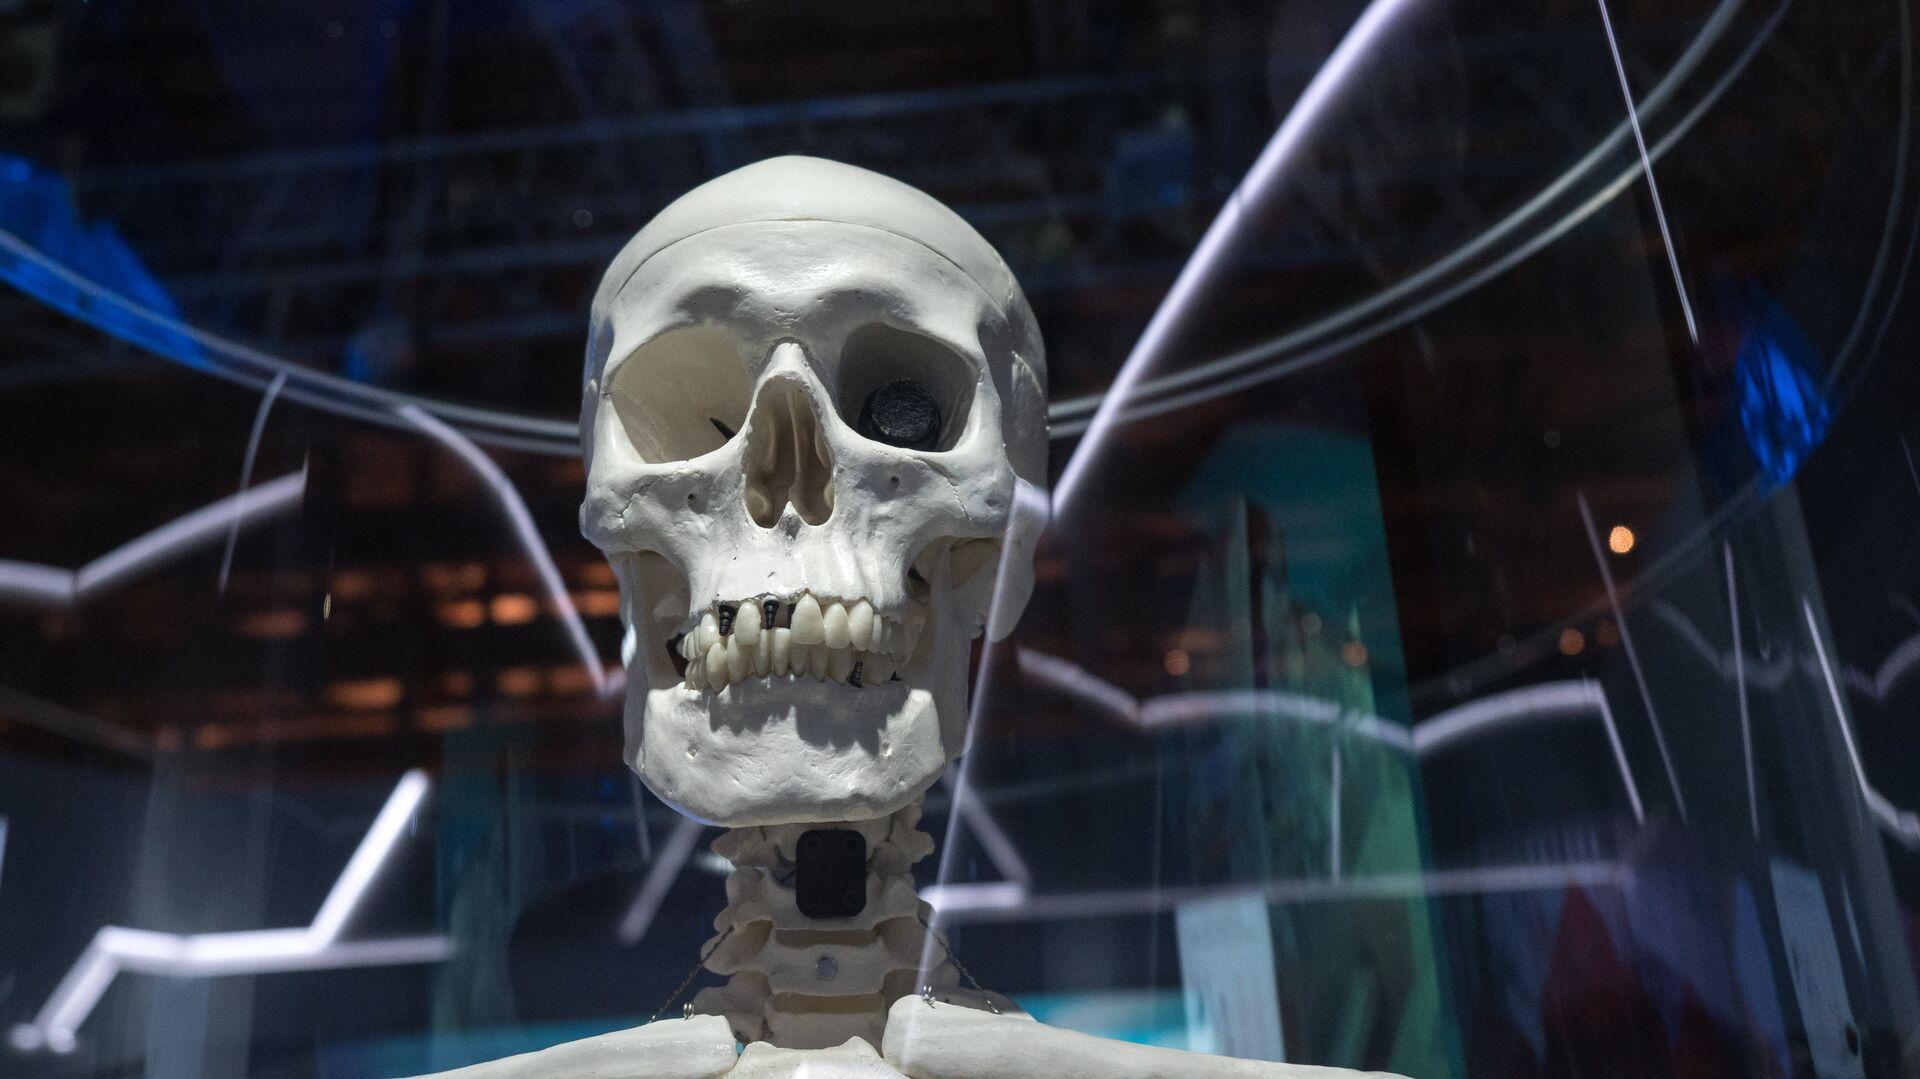 La rivoluzione della protesi? Le ossa create dalla stampante - Sputnik Italia, 1920, 13.07.2021